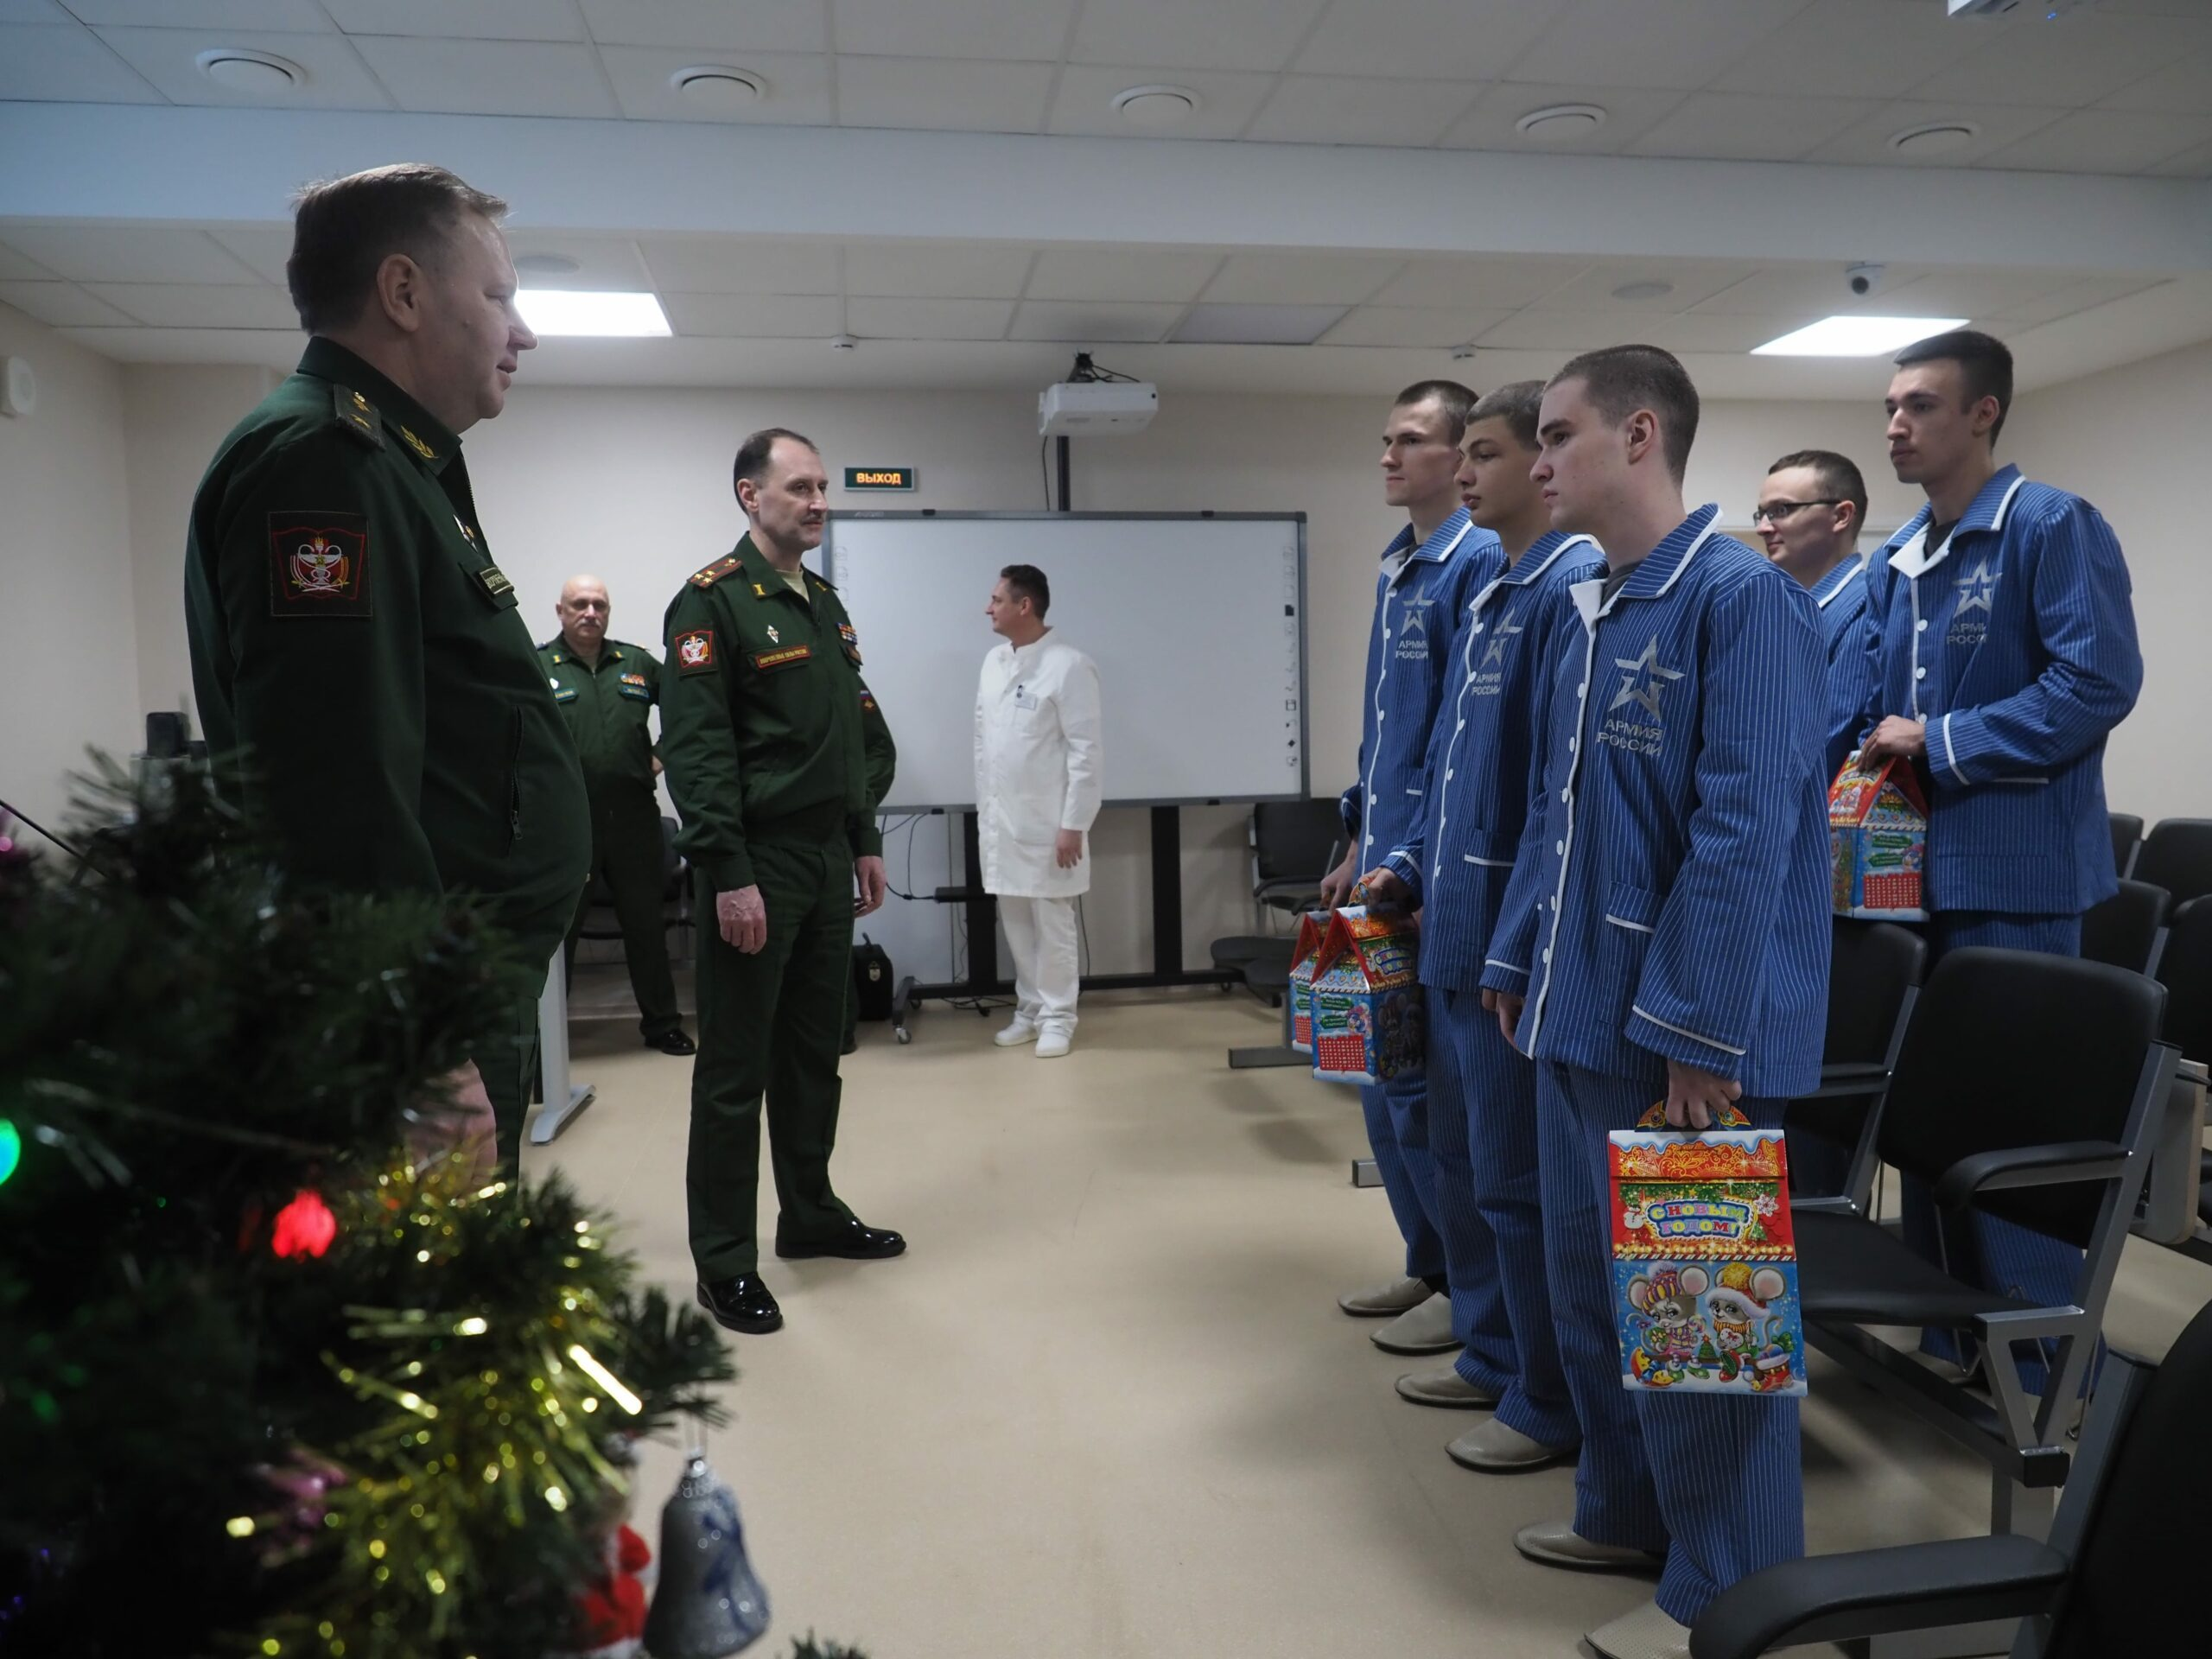 Командование Военно-медицинской академии поздравило солдат, проходящих службу по призыву и находящихся на лечении в клиниках академии с Новым Годом